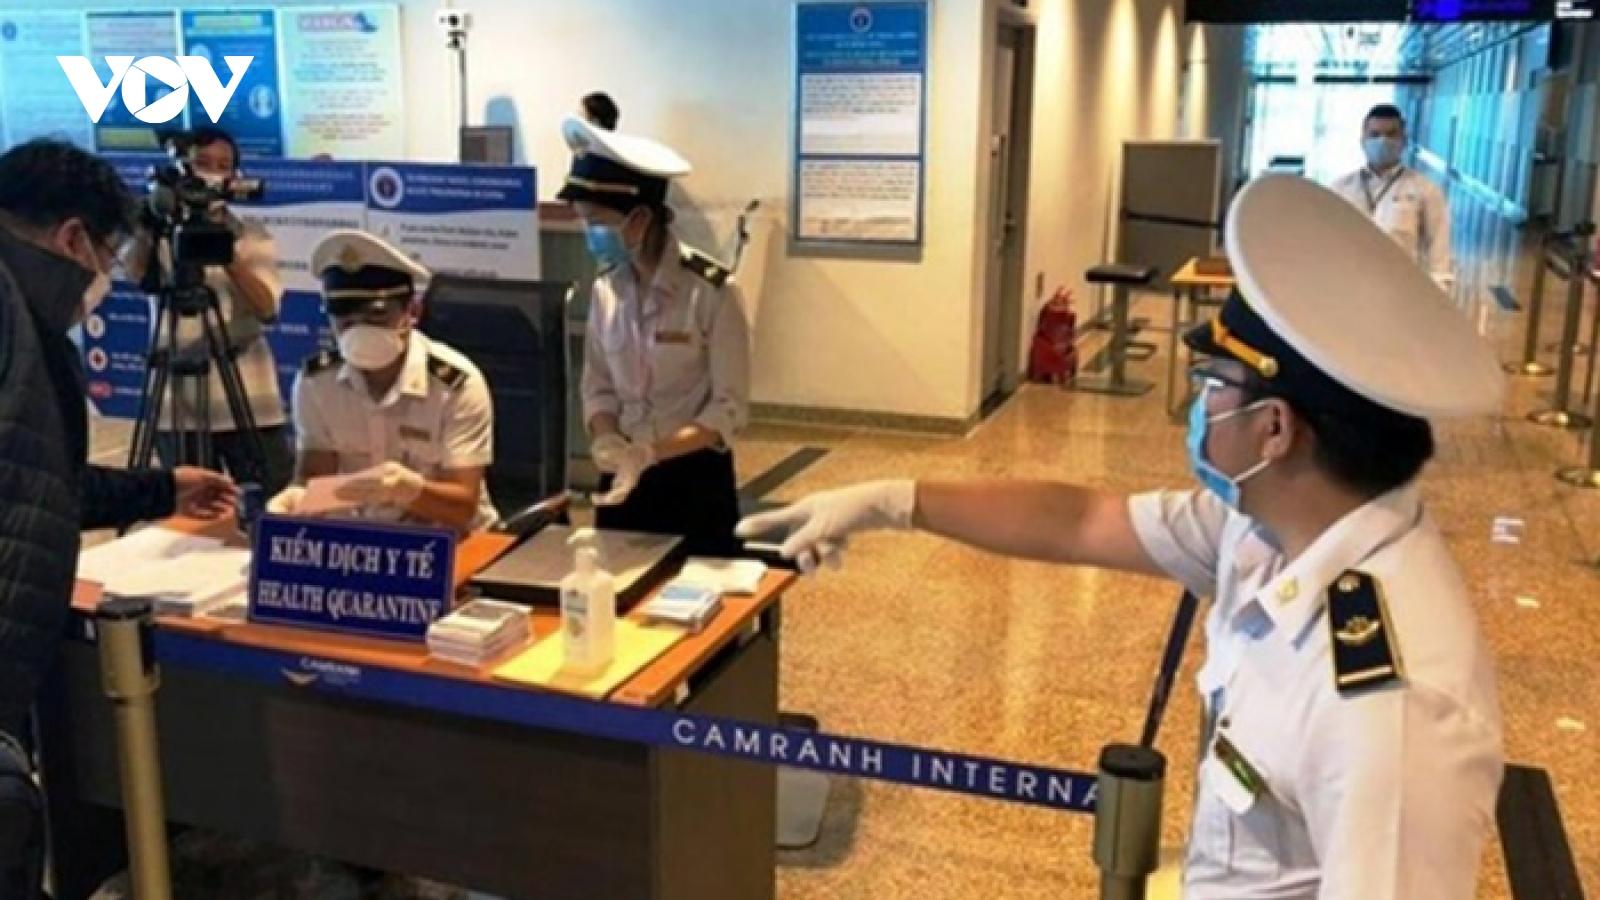 Đến sáng 8/10, Việt Nam còn 38 bệnh nhân COVID-19 đang điều trị